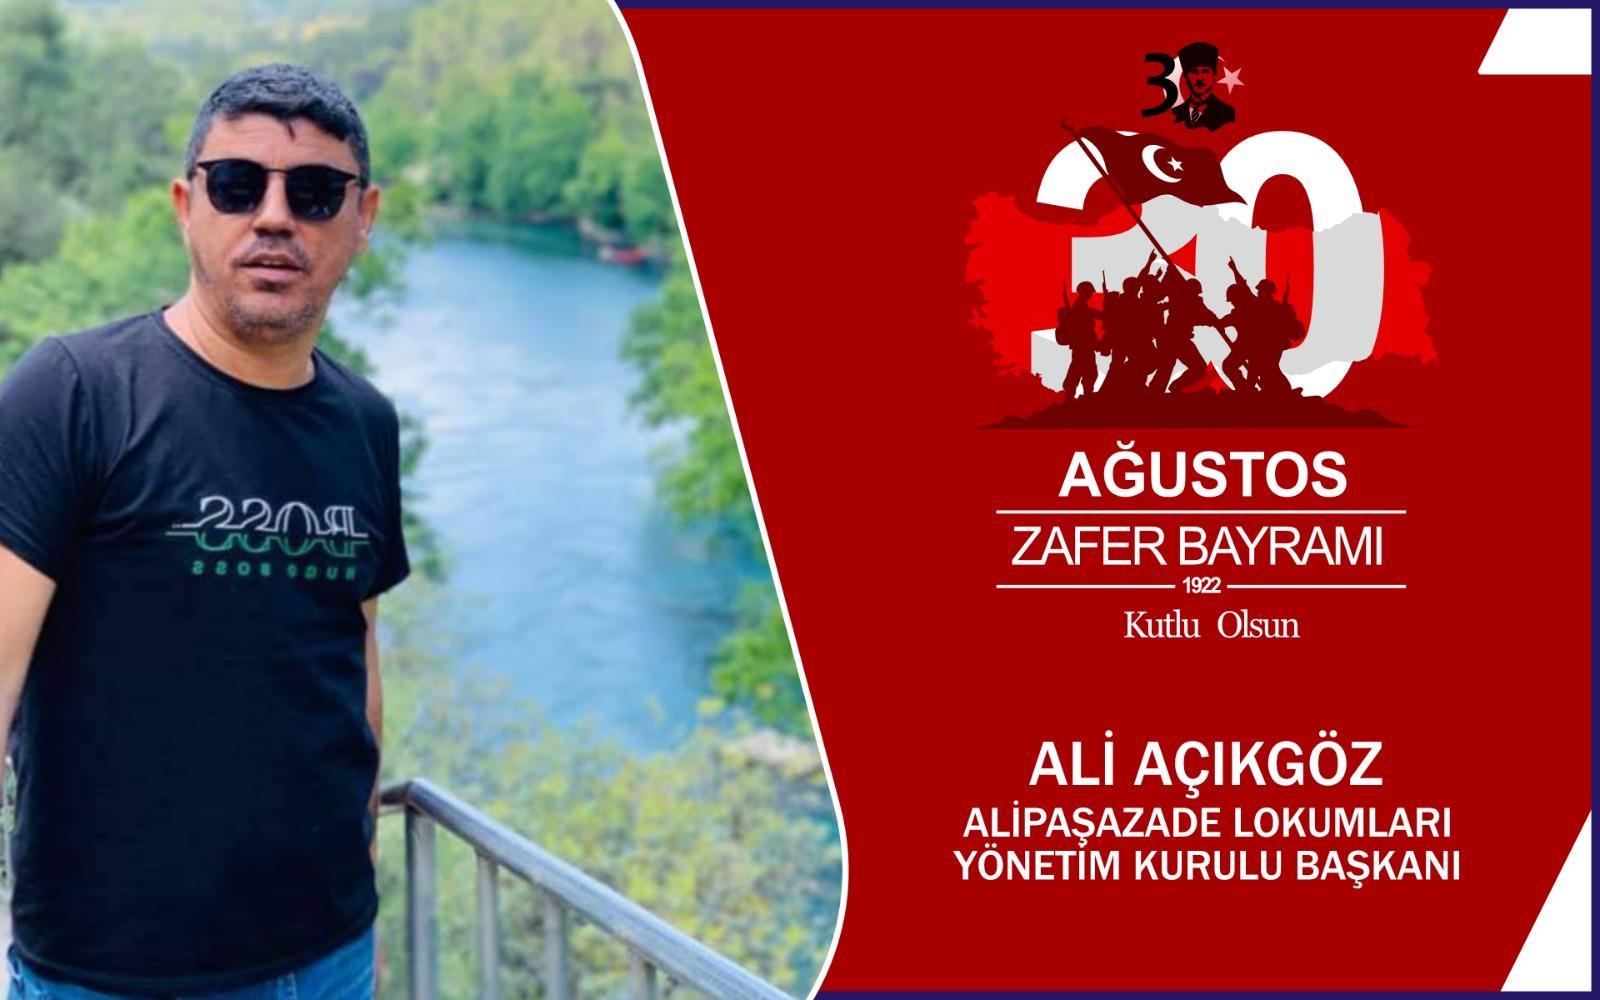 Ali Açıkgöz'den 30 Ağustos Zafer Bayramı Mesajı